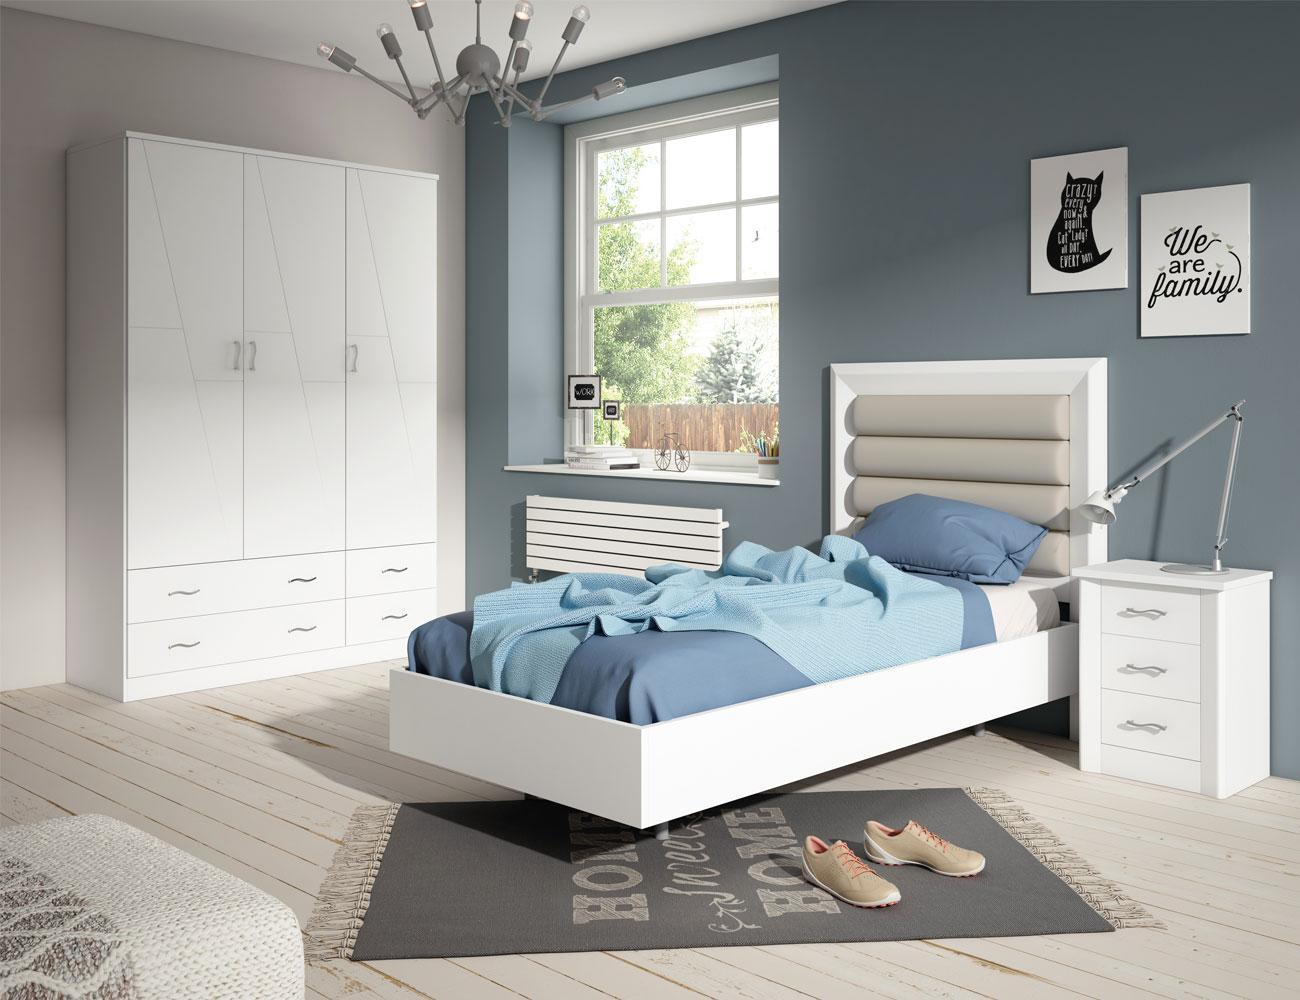 6 dormitorio juvenil cabecero tapizado madera blanco lacado3